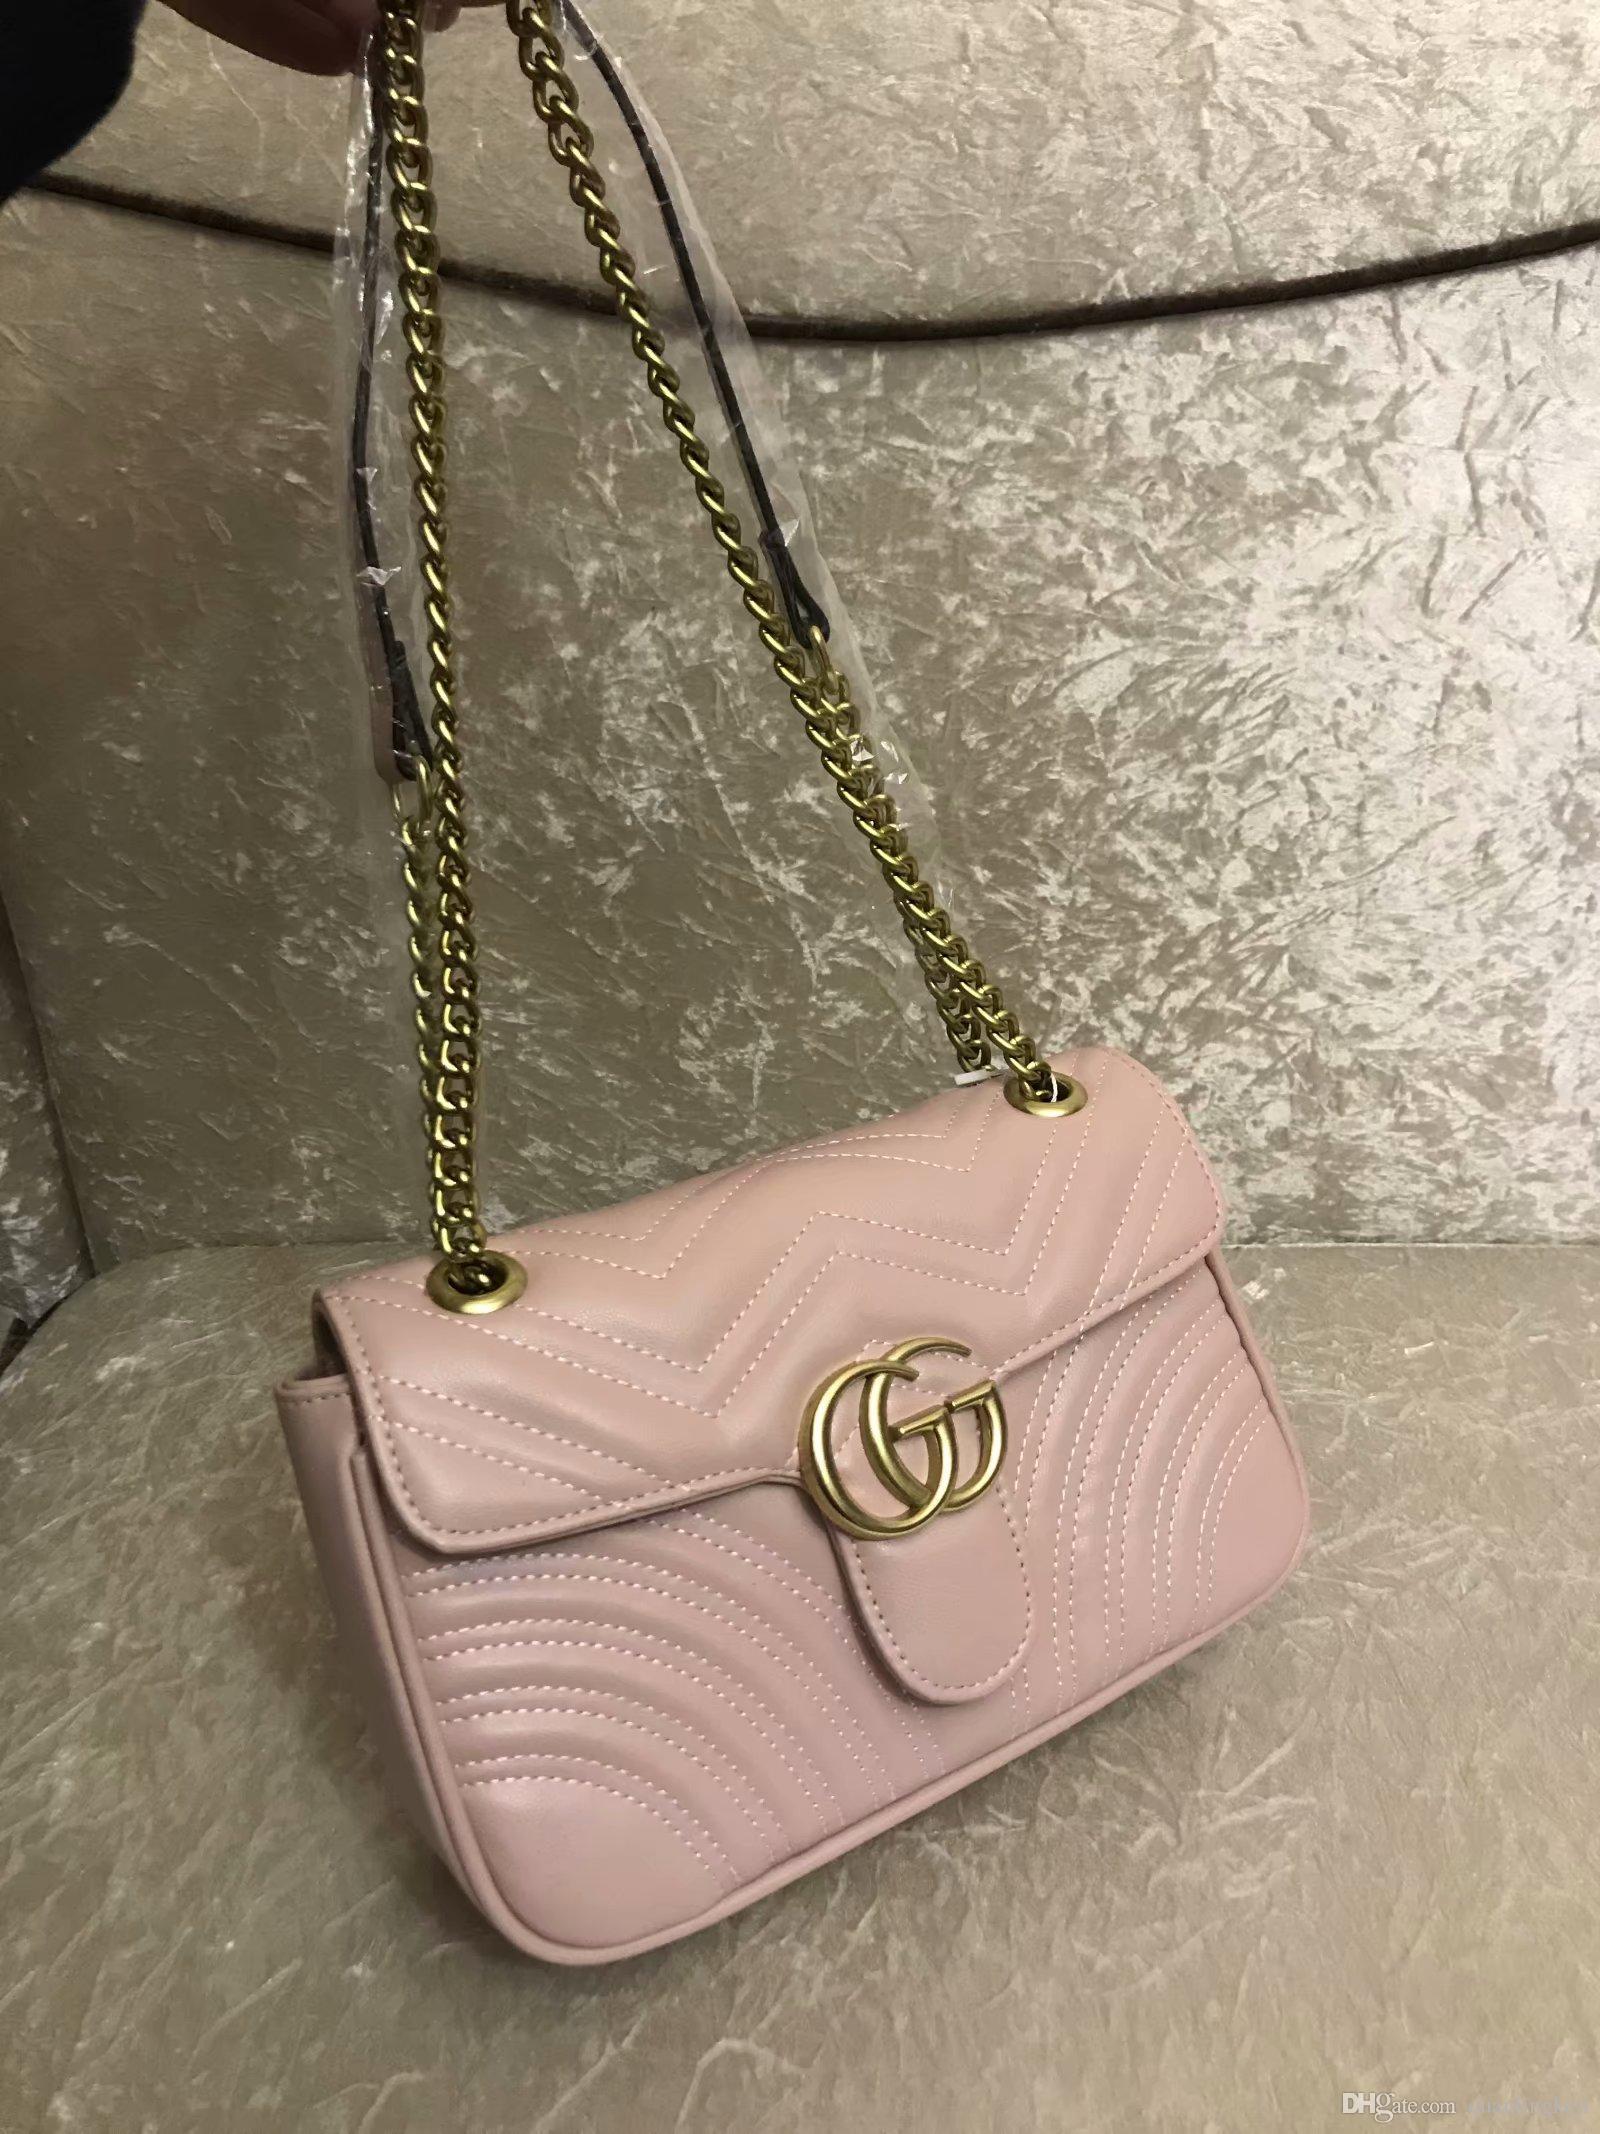 2020 heiße Verkaufsfrauen Designer Handtaschen diagonale Kurier Schulterbeutel-Kettenbeutel gute Qualität PU-Leder Geldbörsen Damenhandtasche 024